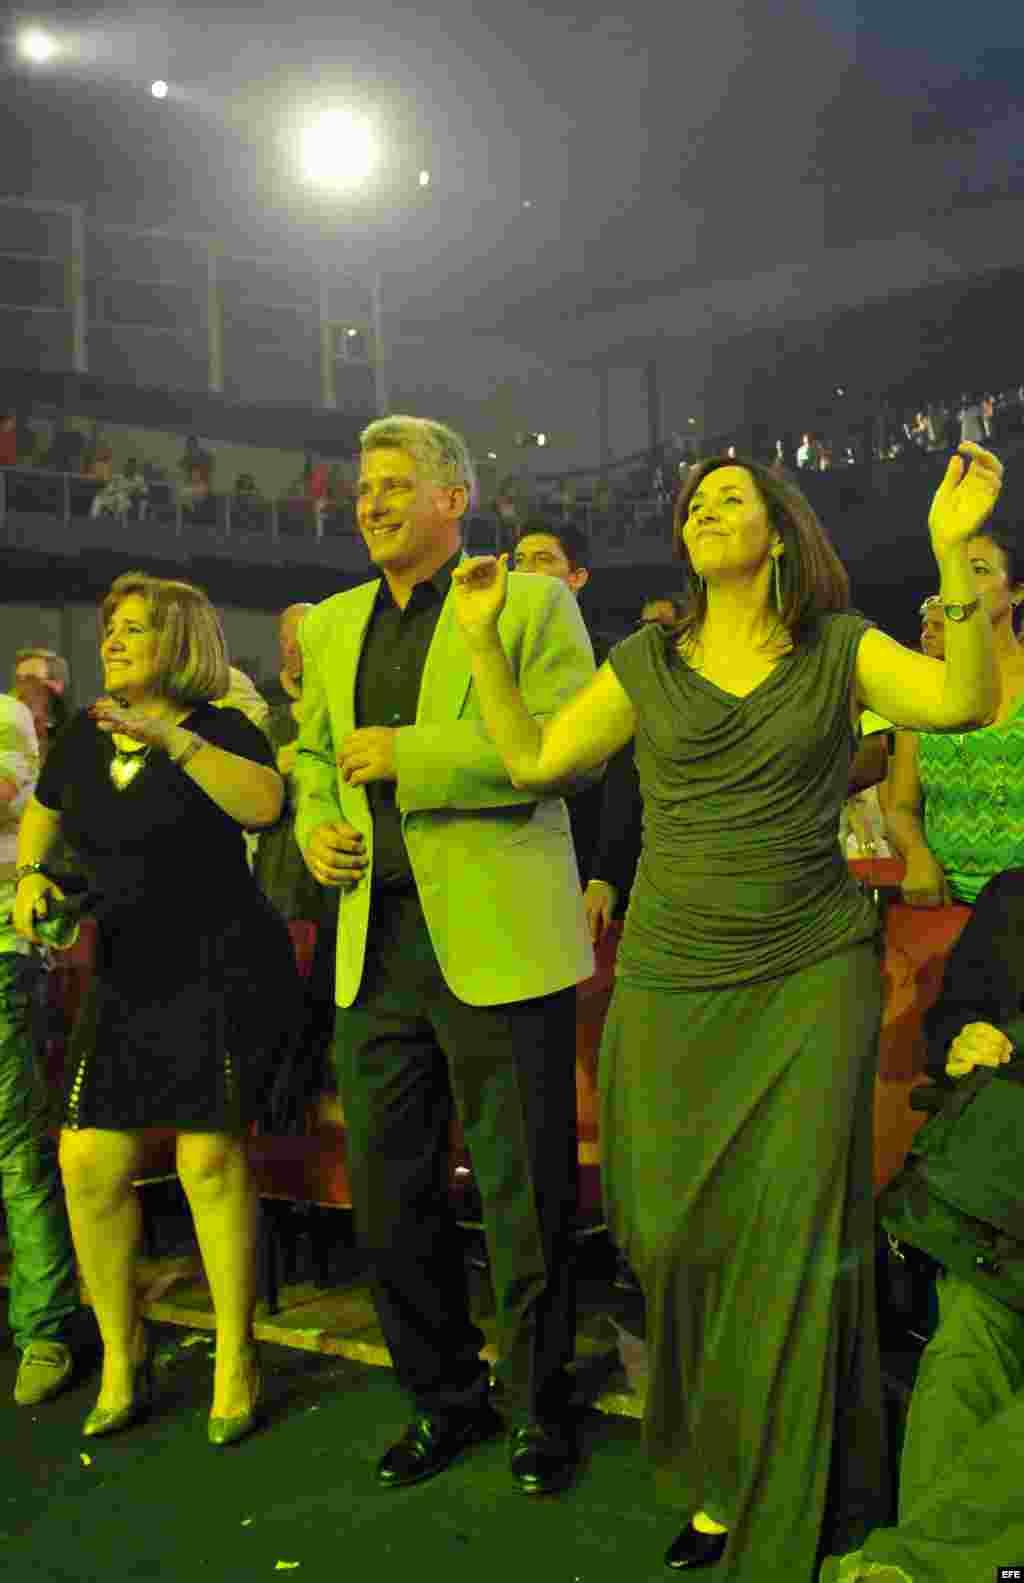 Díaz-Canel baila junto a Mariela Castro durante una gala contra la homofobia en el teatro Karl Marx de La Habana. (Archivo)